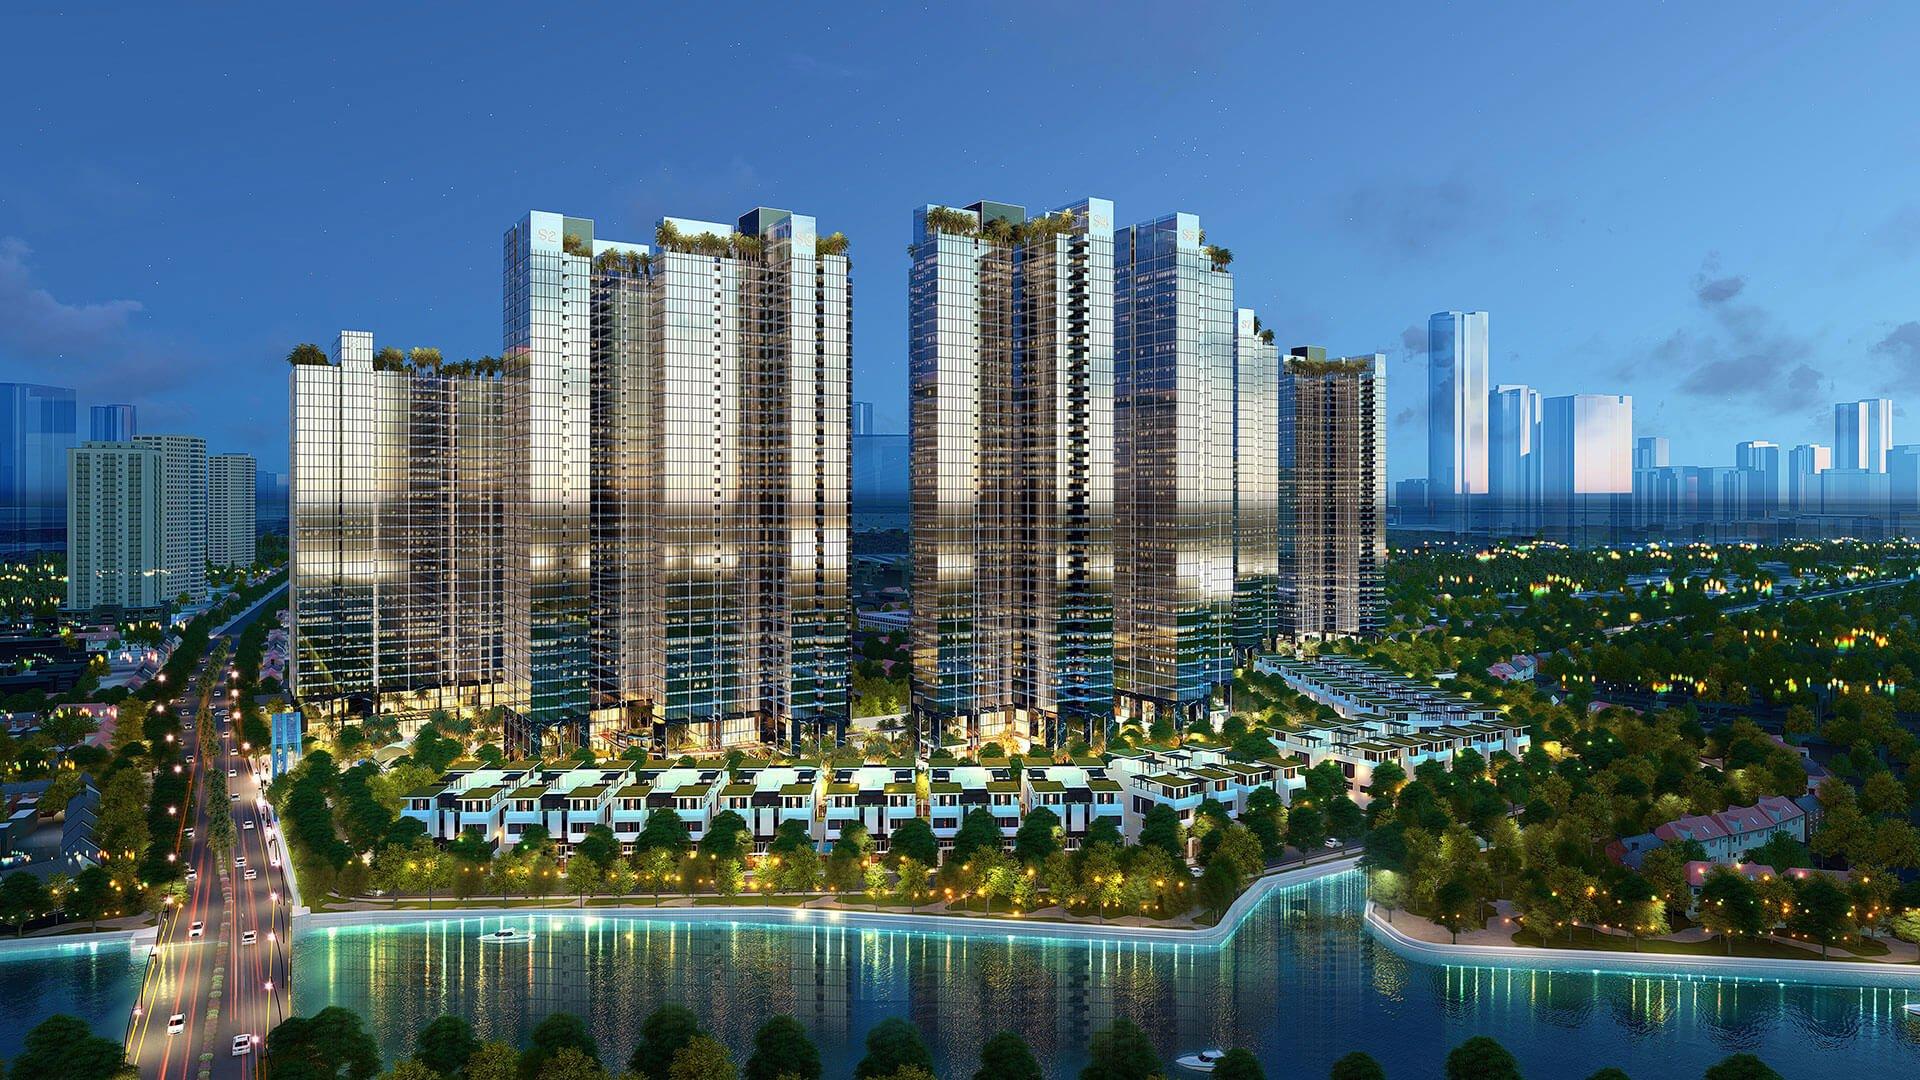 phoi canh du an can ho sunshine city sai gon quan 7 - Dự án căn hộ Sunshine City Sài Gòn